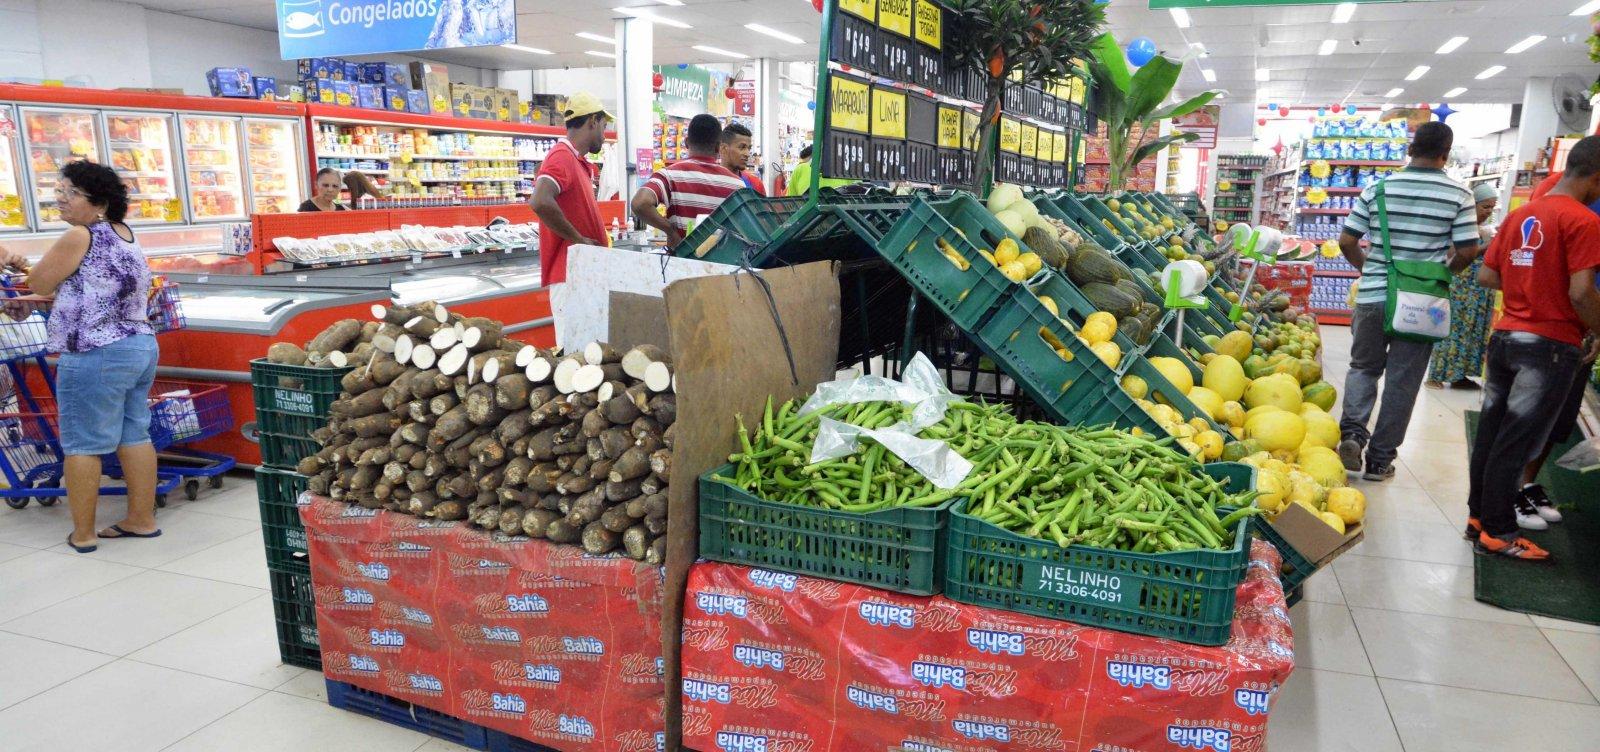 Sindicato quer que supermercados indenizem trabalhadores infectados com Covid-19